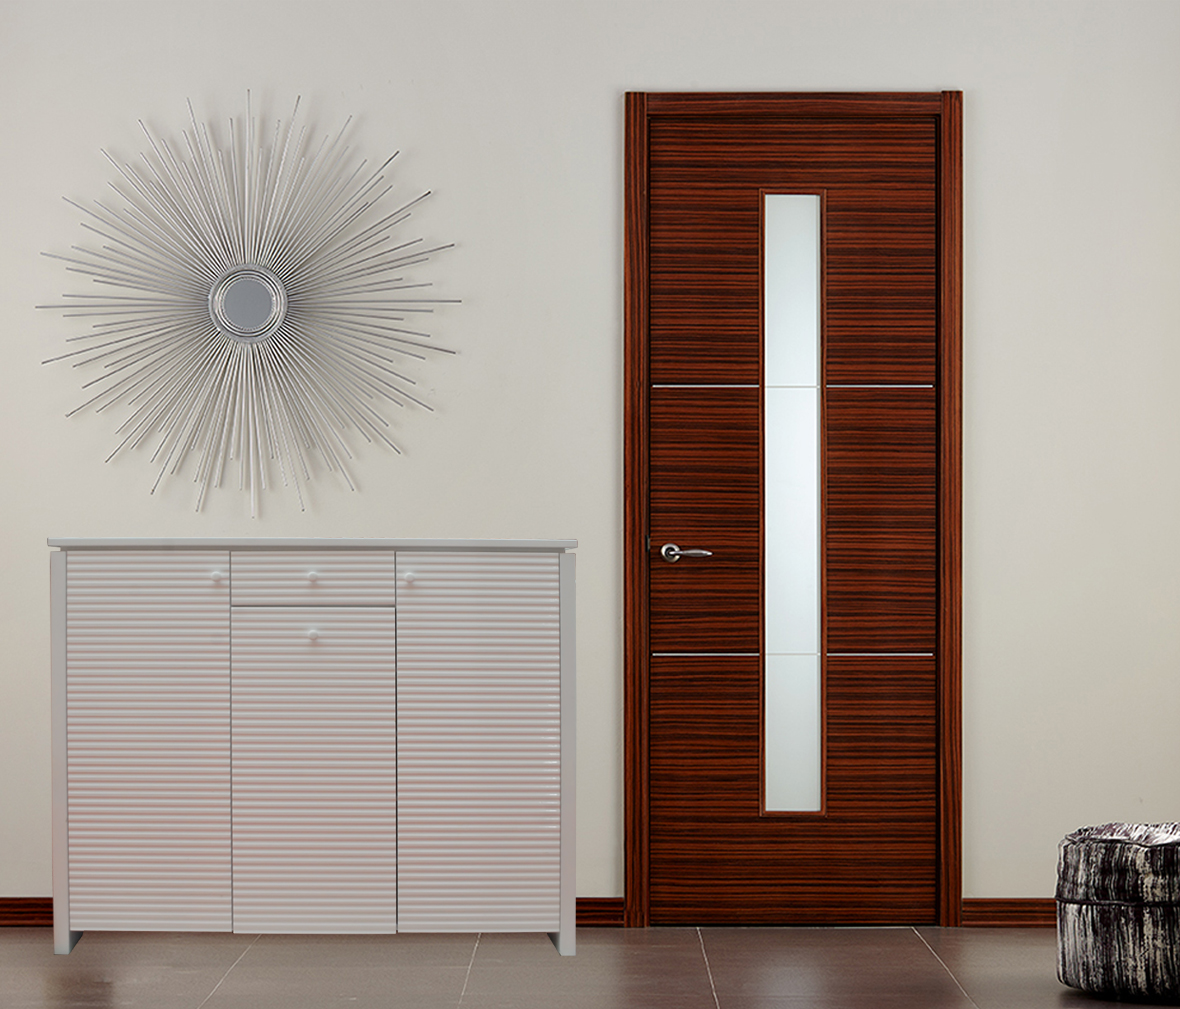 中纤板 现代简约风格   眼缘:0  双叶家具 cgx0100b2型号 鞋柜 水曲柳